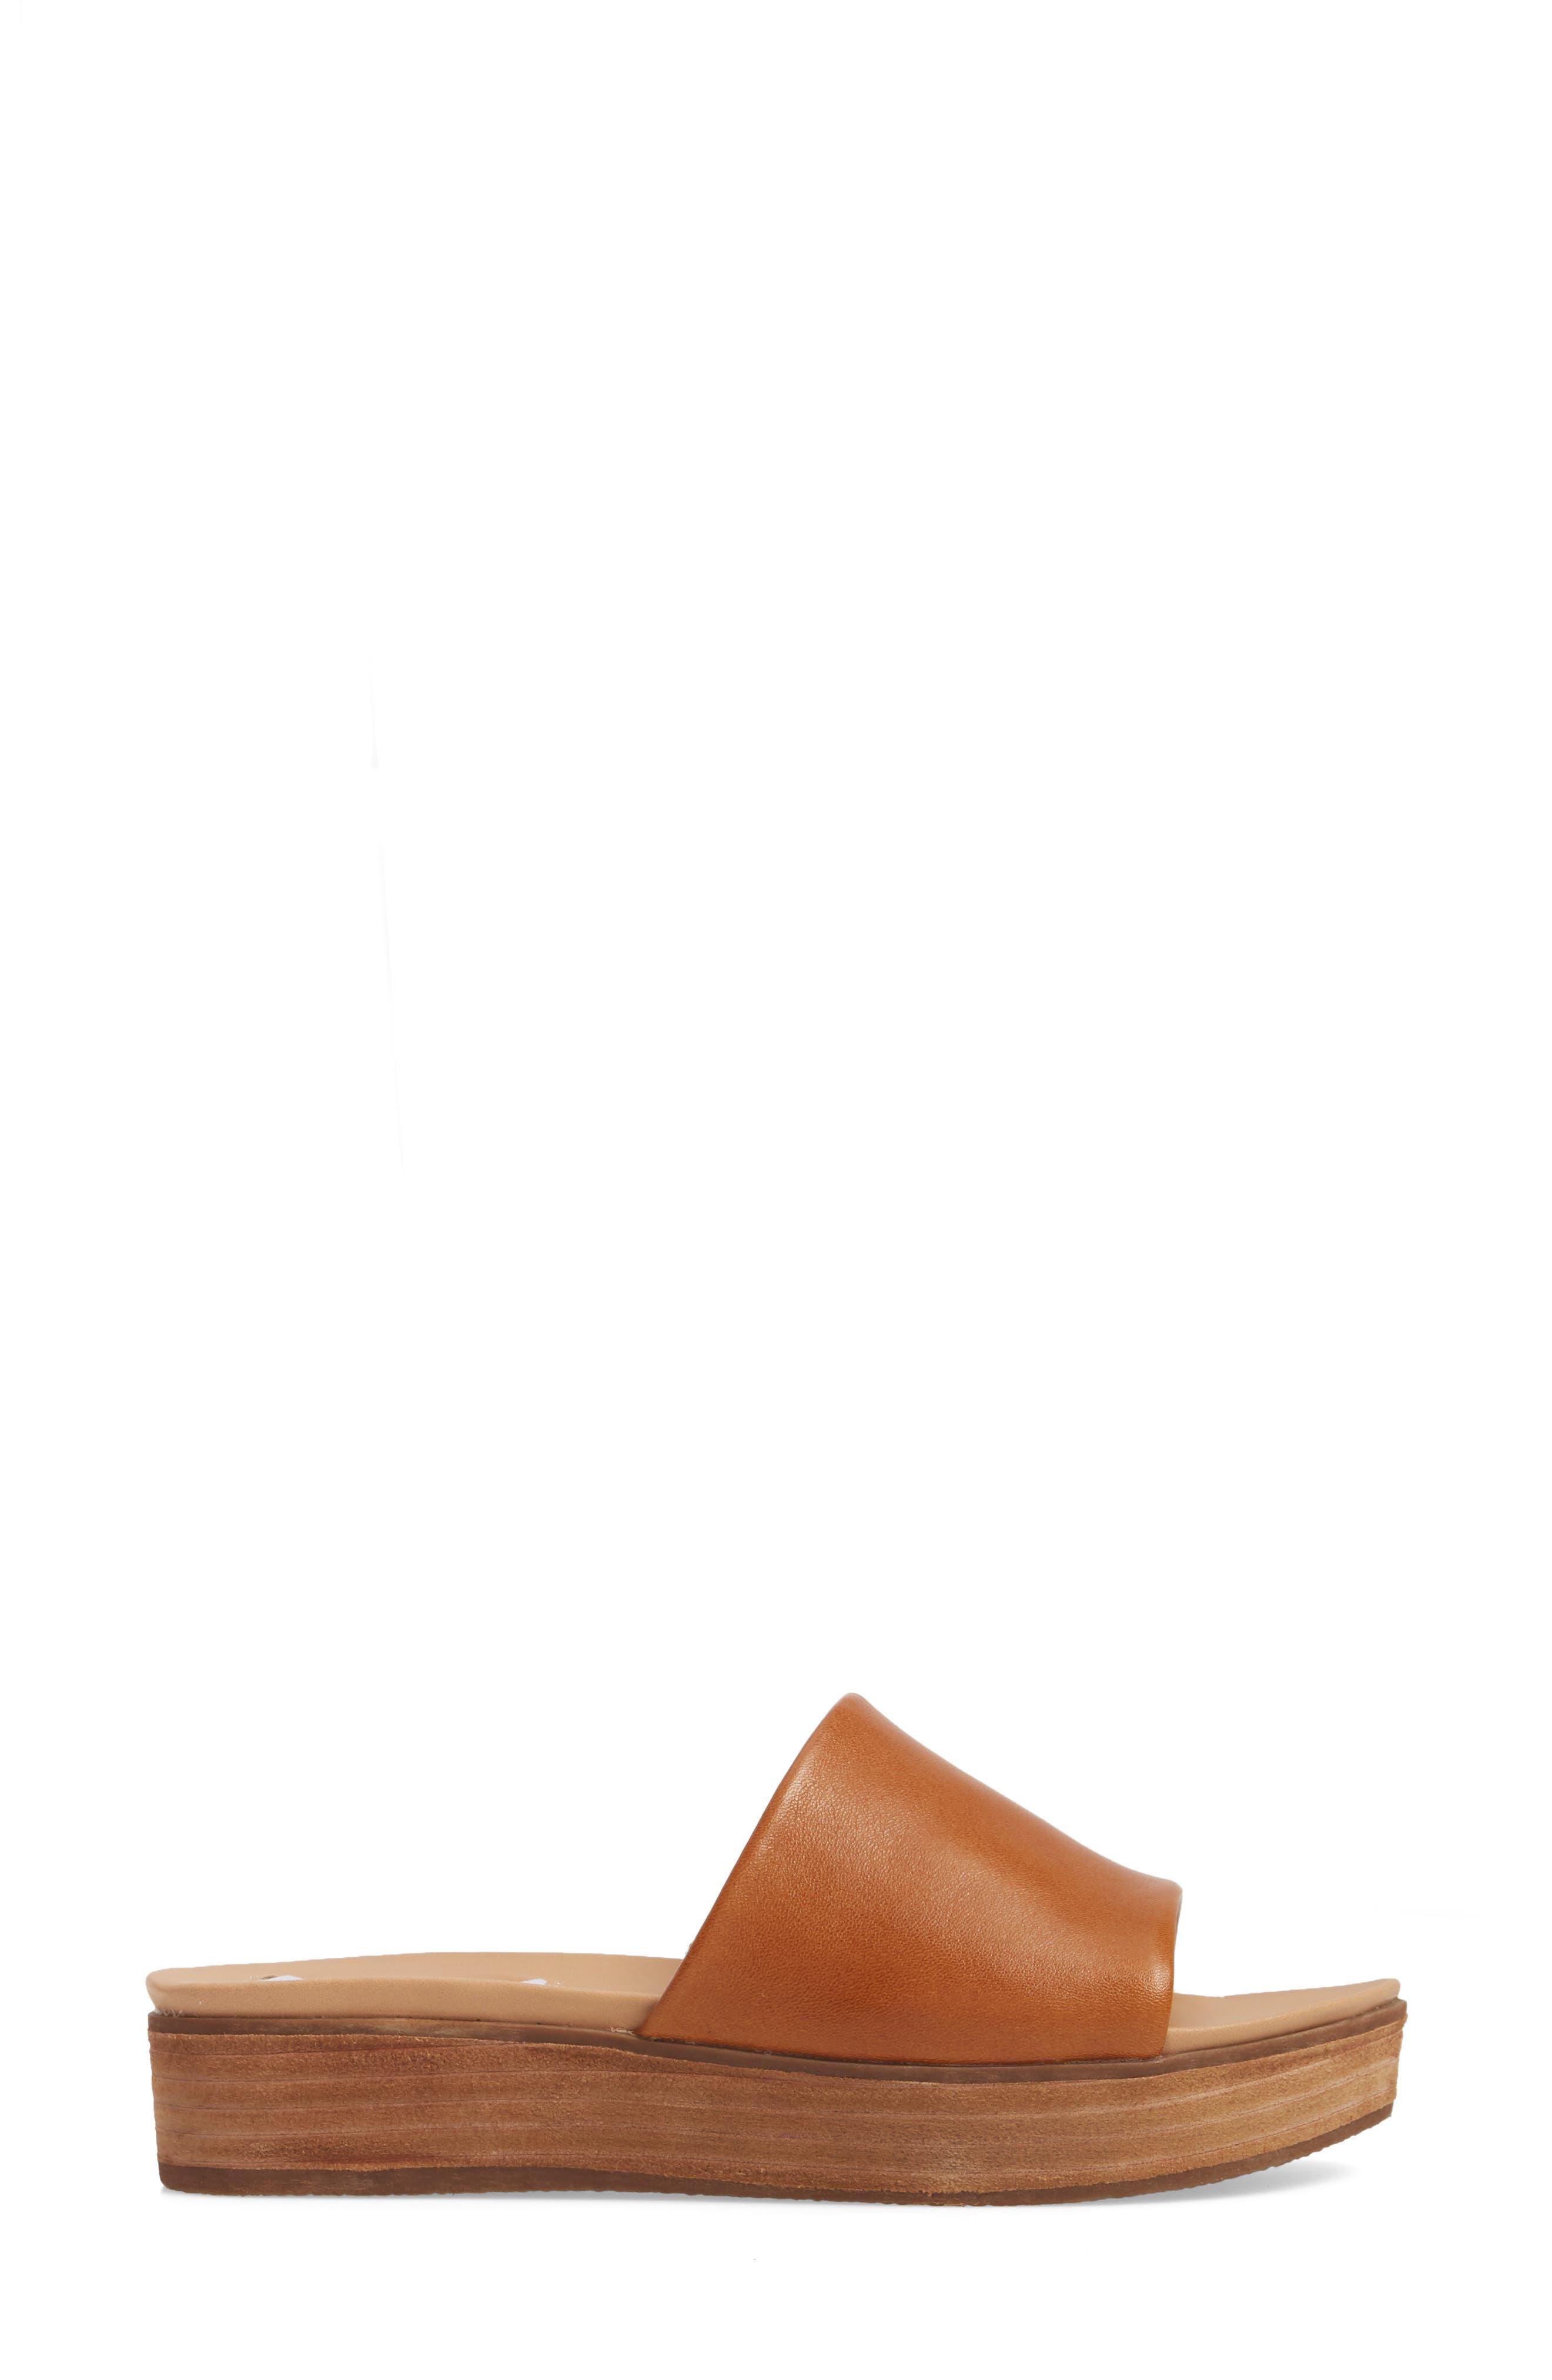 Genca Slide Sandal,                             Alternate thumbnail 8, color,